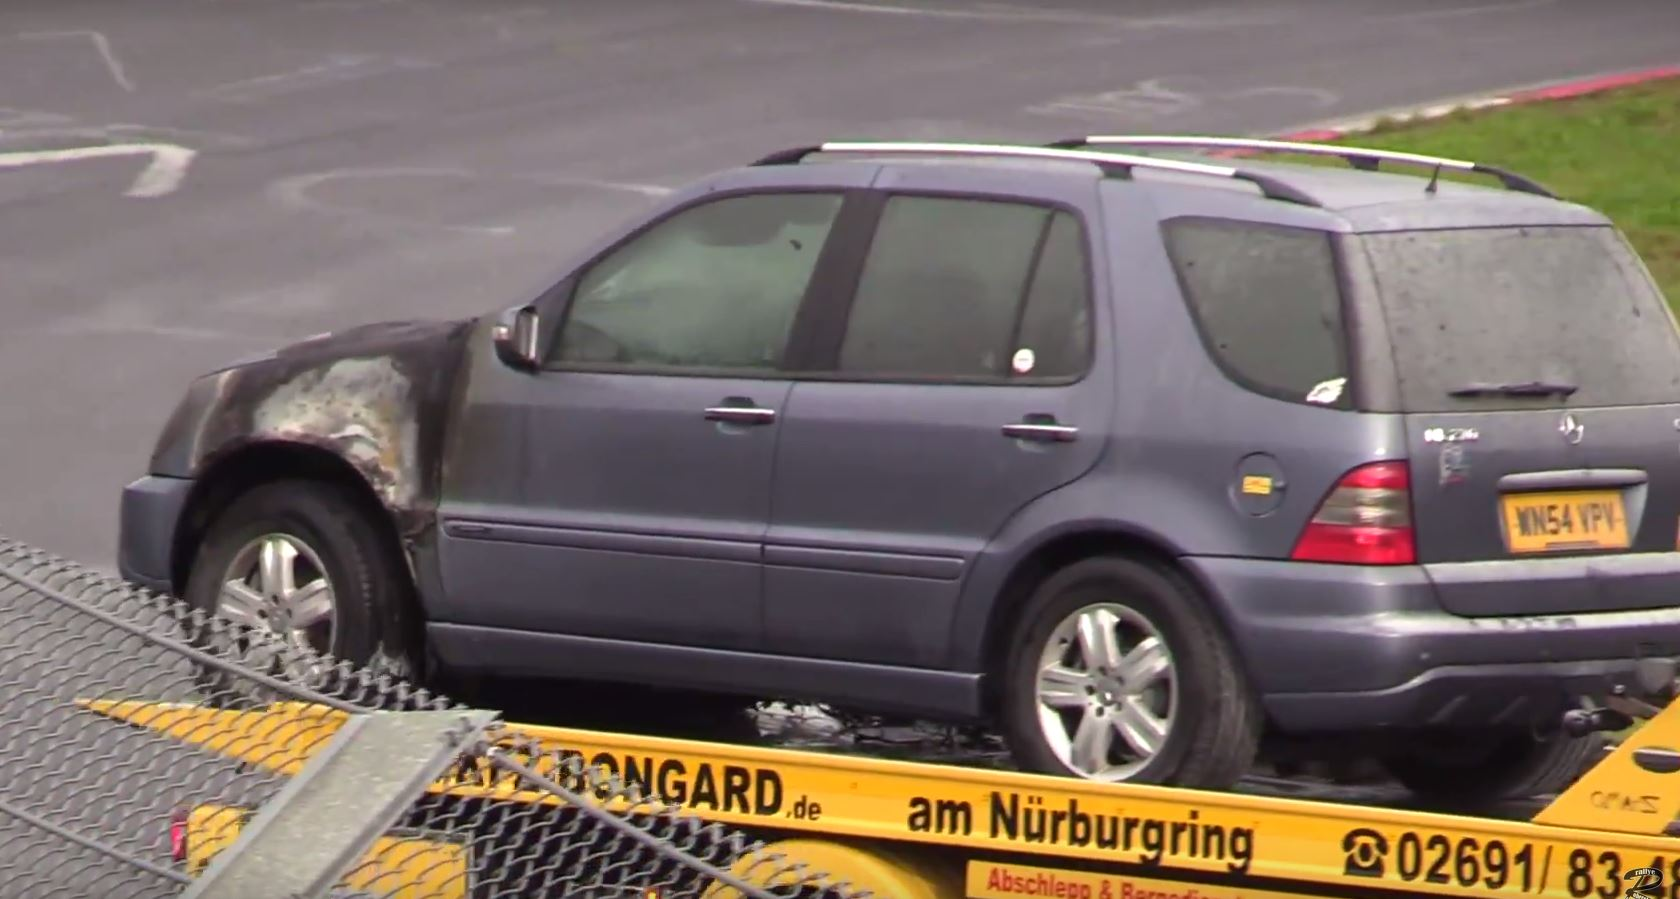 2004 Mercedes Ml 270 Diesel Burns On The Nurburgring